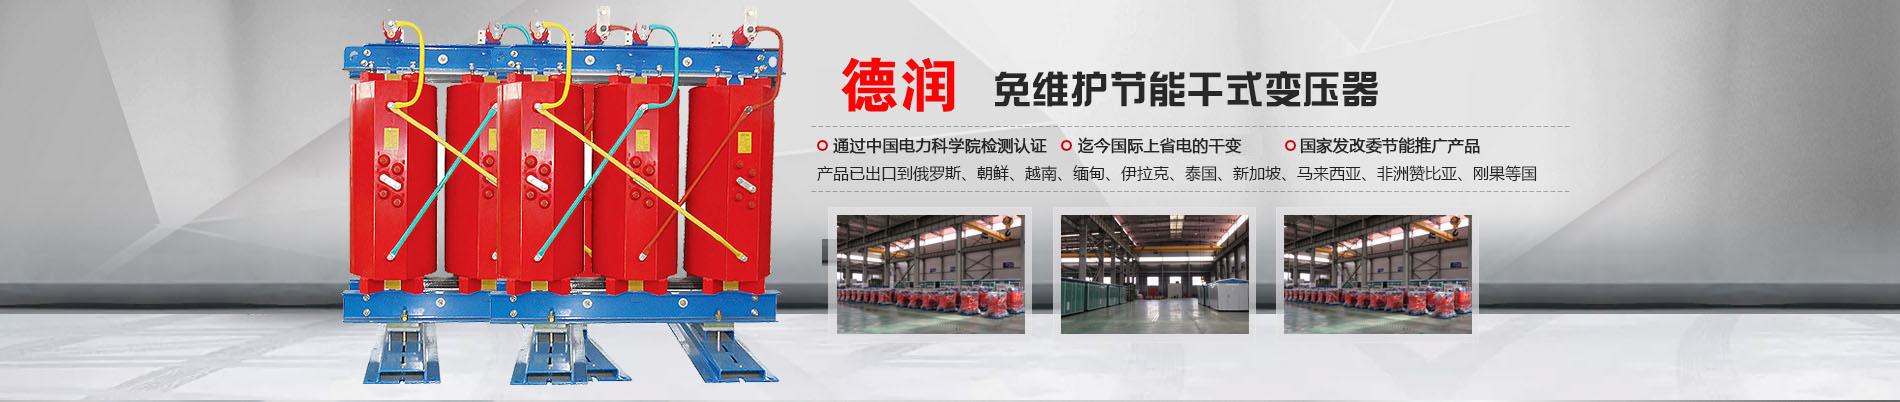 广元干式变压器厂家